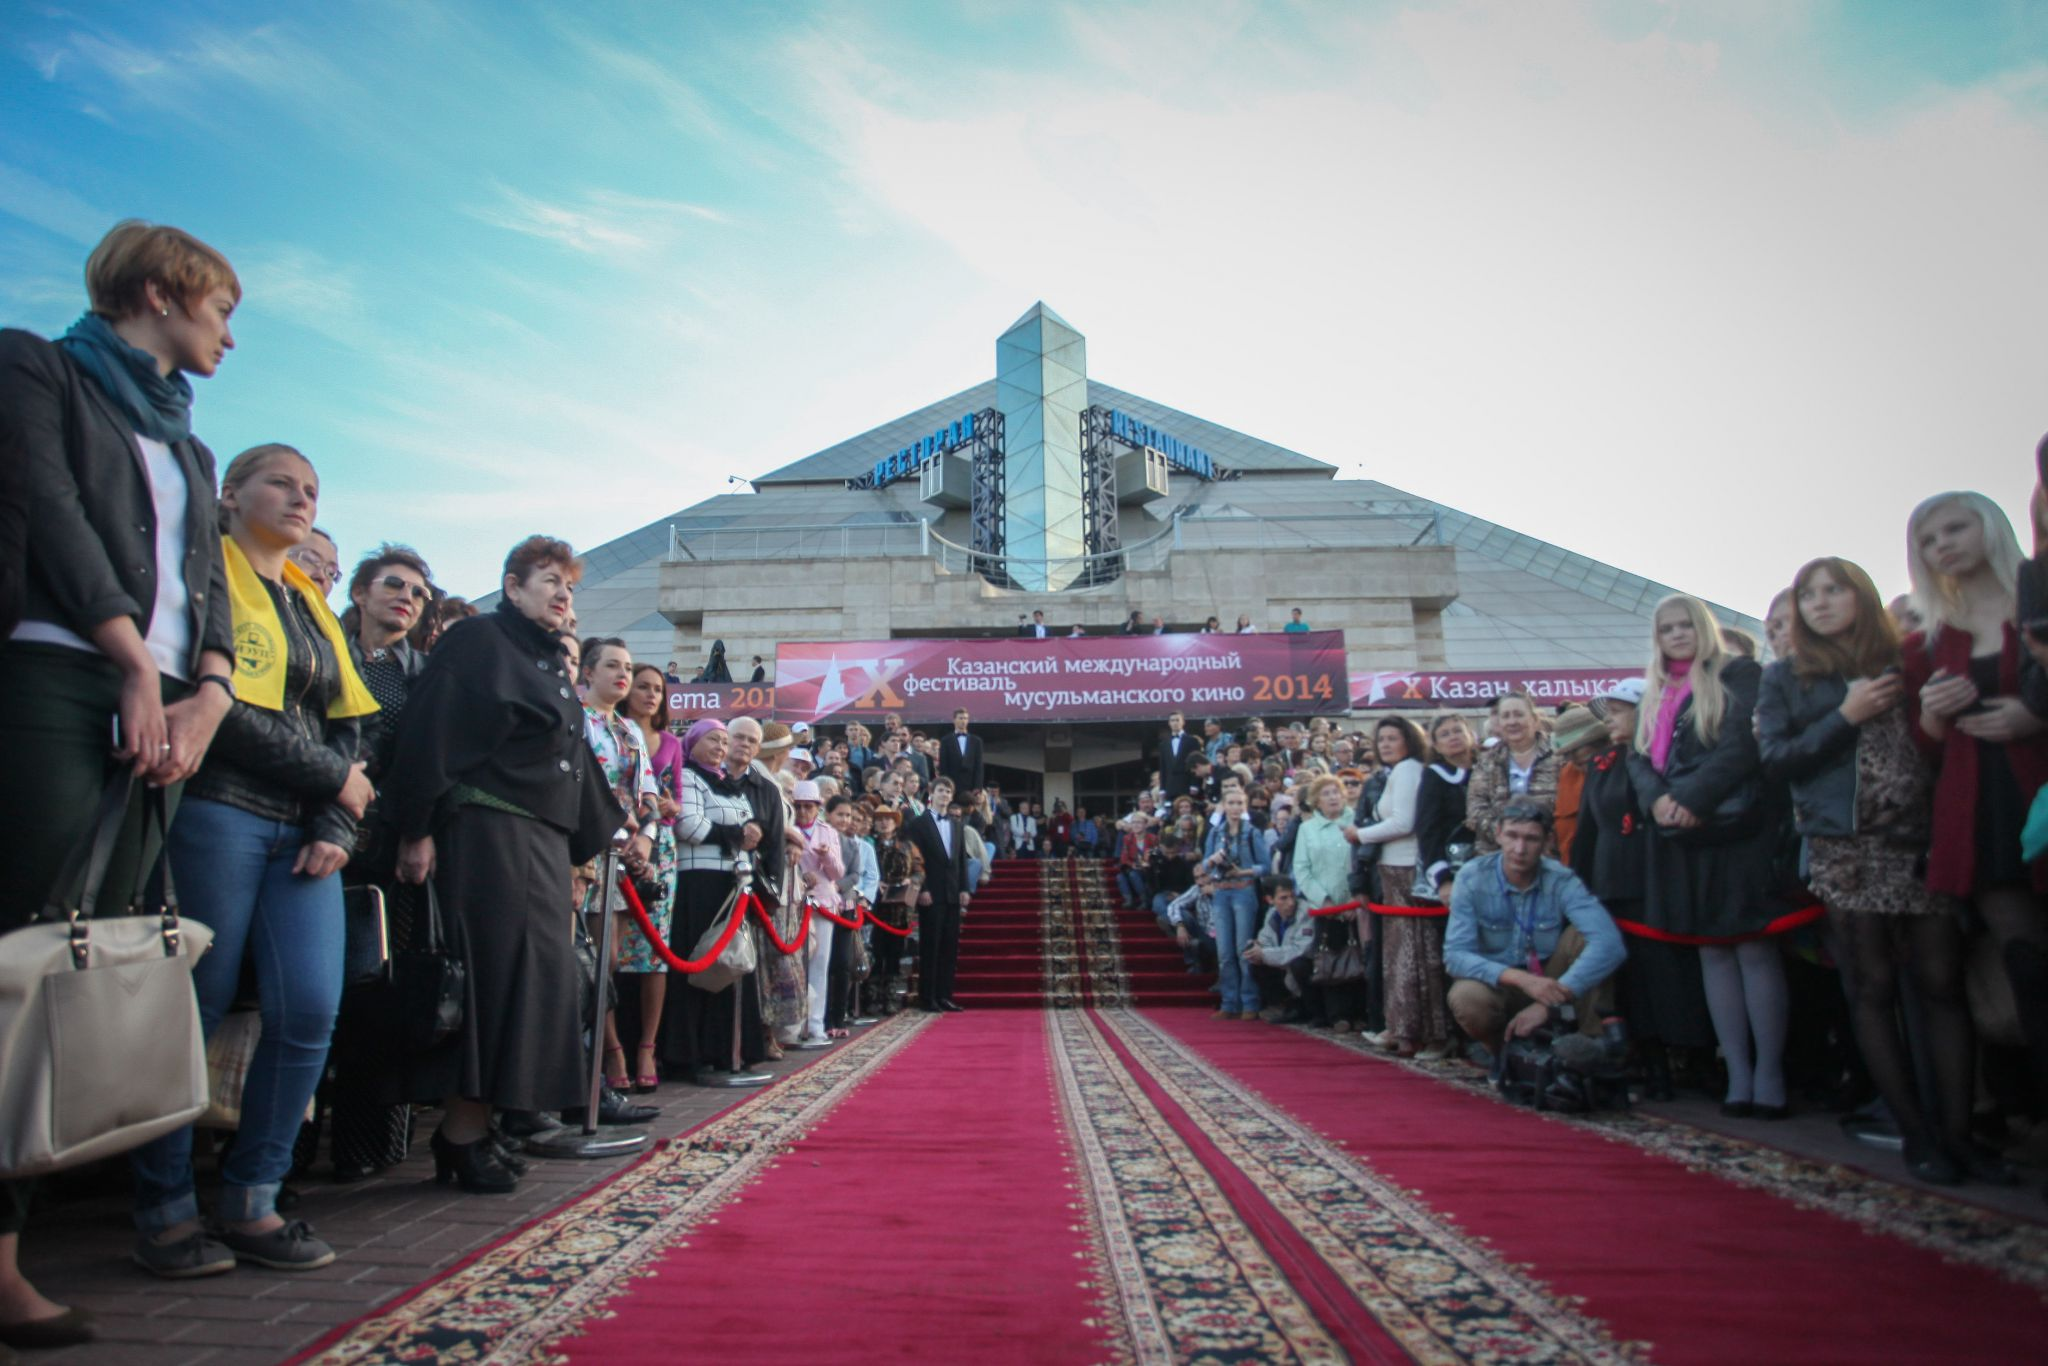 Azeri Sahar Tv | X Казанский международный фестиваль мусульманского кино открылся в Казани |